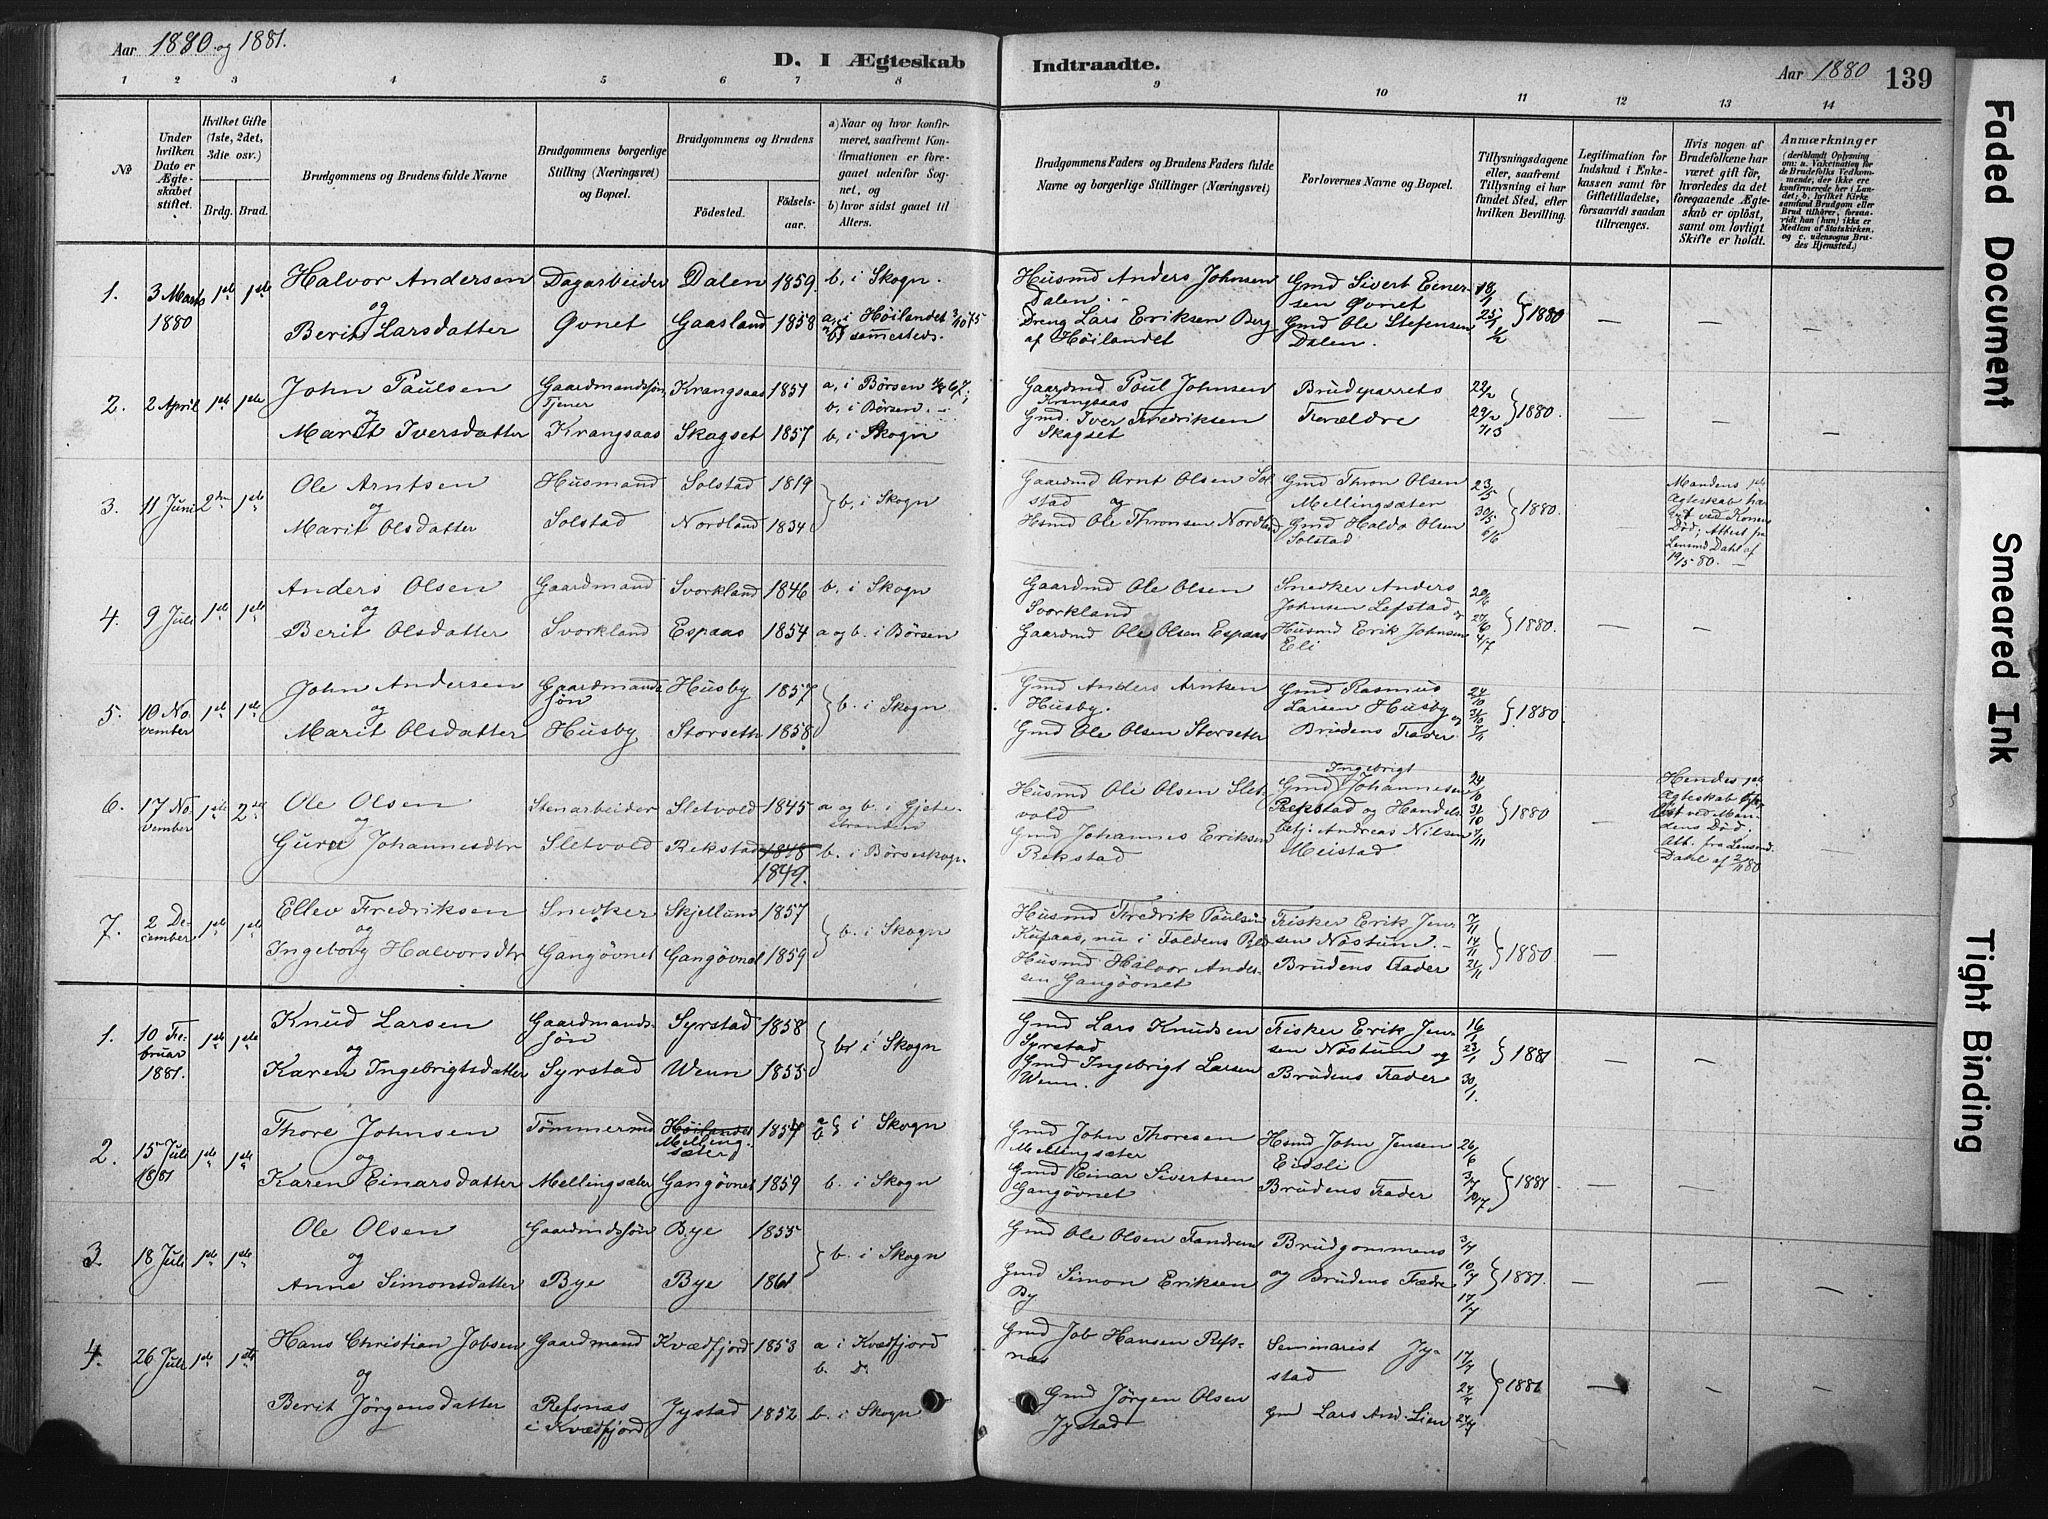 SAT, Ministerialprotokoller, klokkerbøker og fødselsregistre - Sør-Trøndelag, 667/L0795: Ministerialbok nr. 667A03, 1879-1907, s. 139